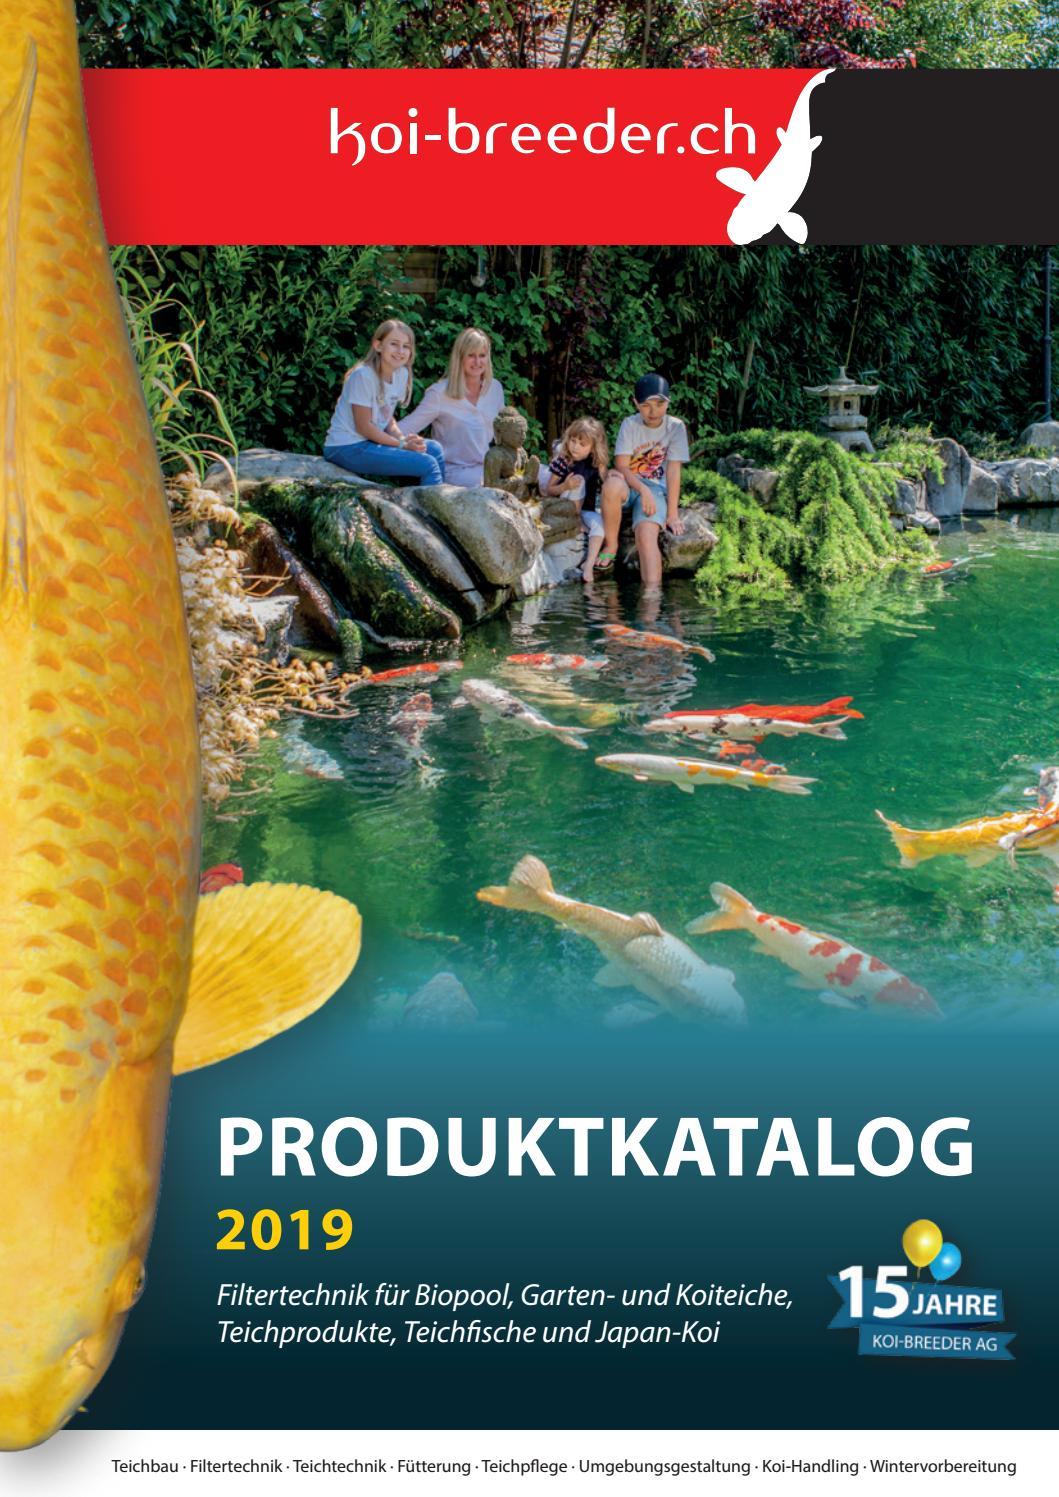 Rolle Randband für Teichbau Bachlauf Wasserfall Teichrand Teich Gartenteich